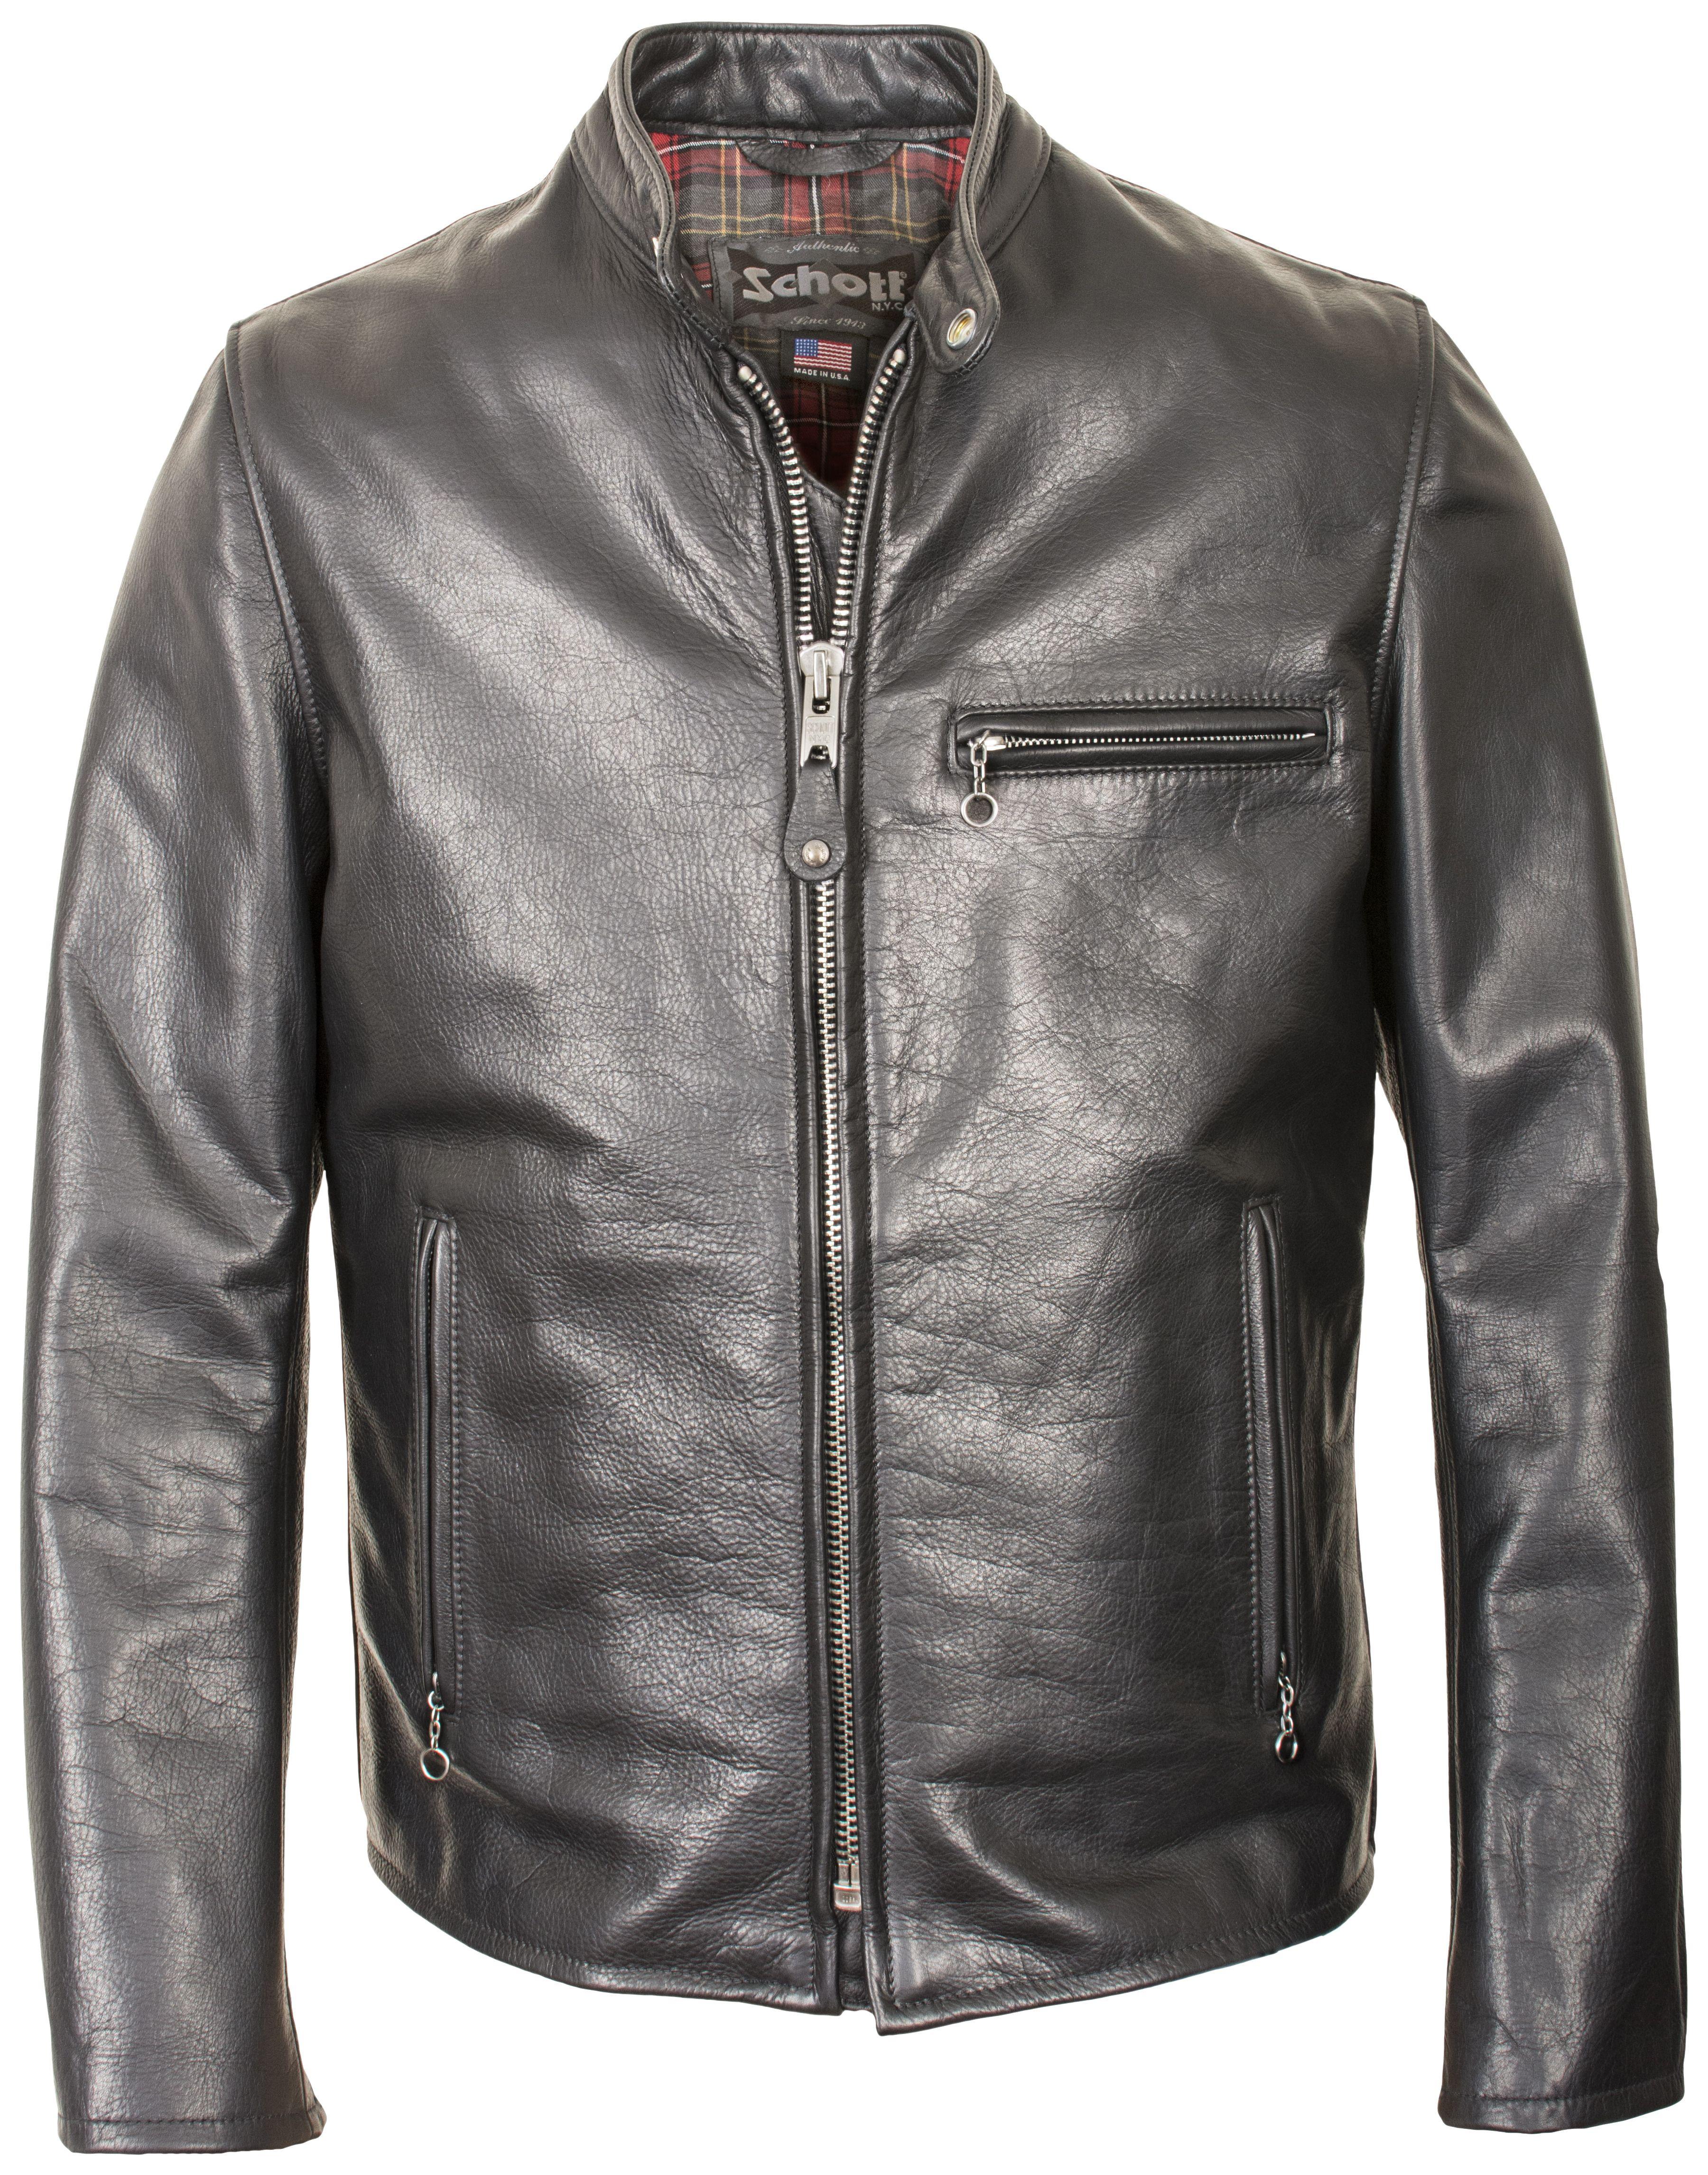 Schott 530 Cafe Racer Jacket Revzilla Cafe Racer Jacket Leather Jacket Men Leather Jacket